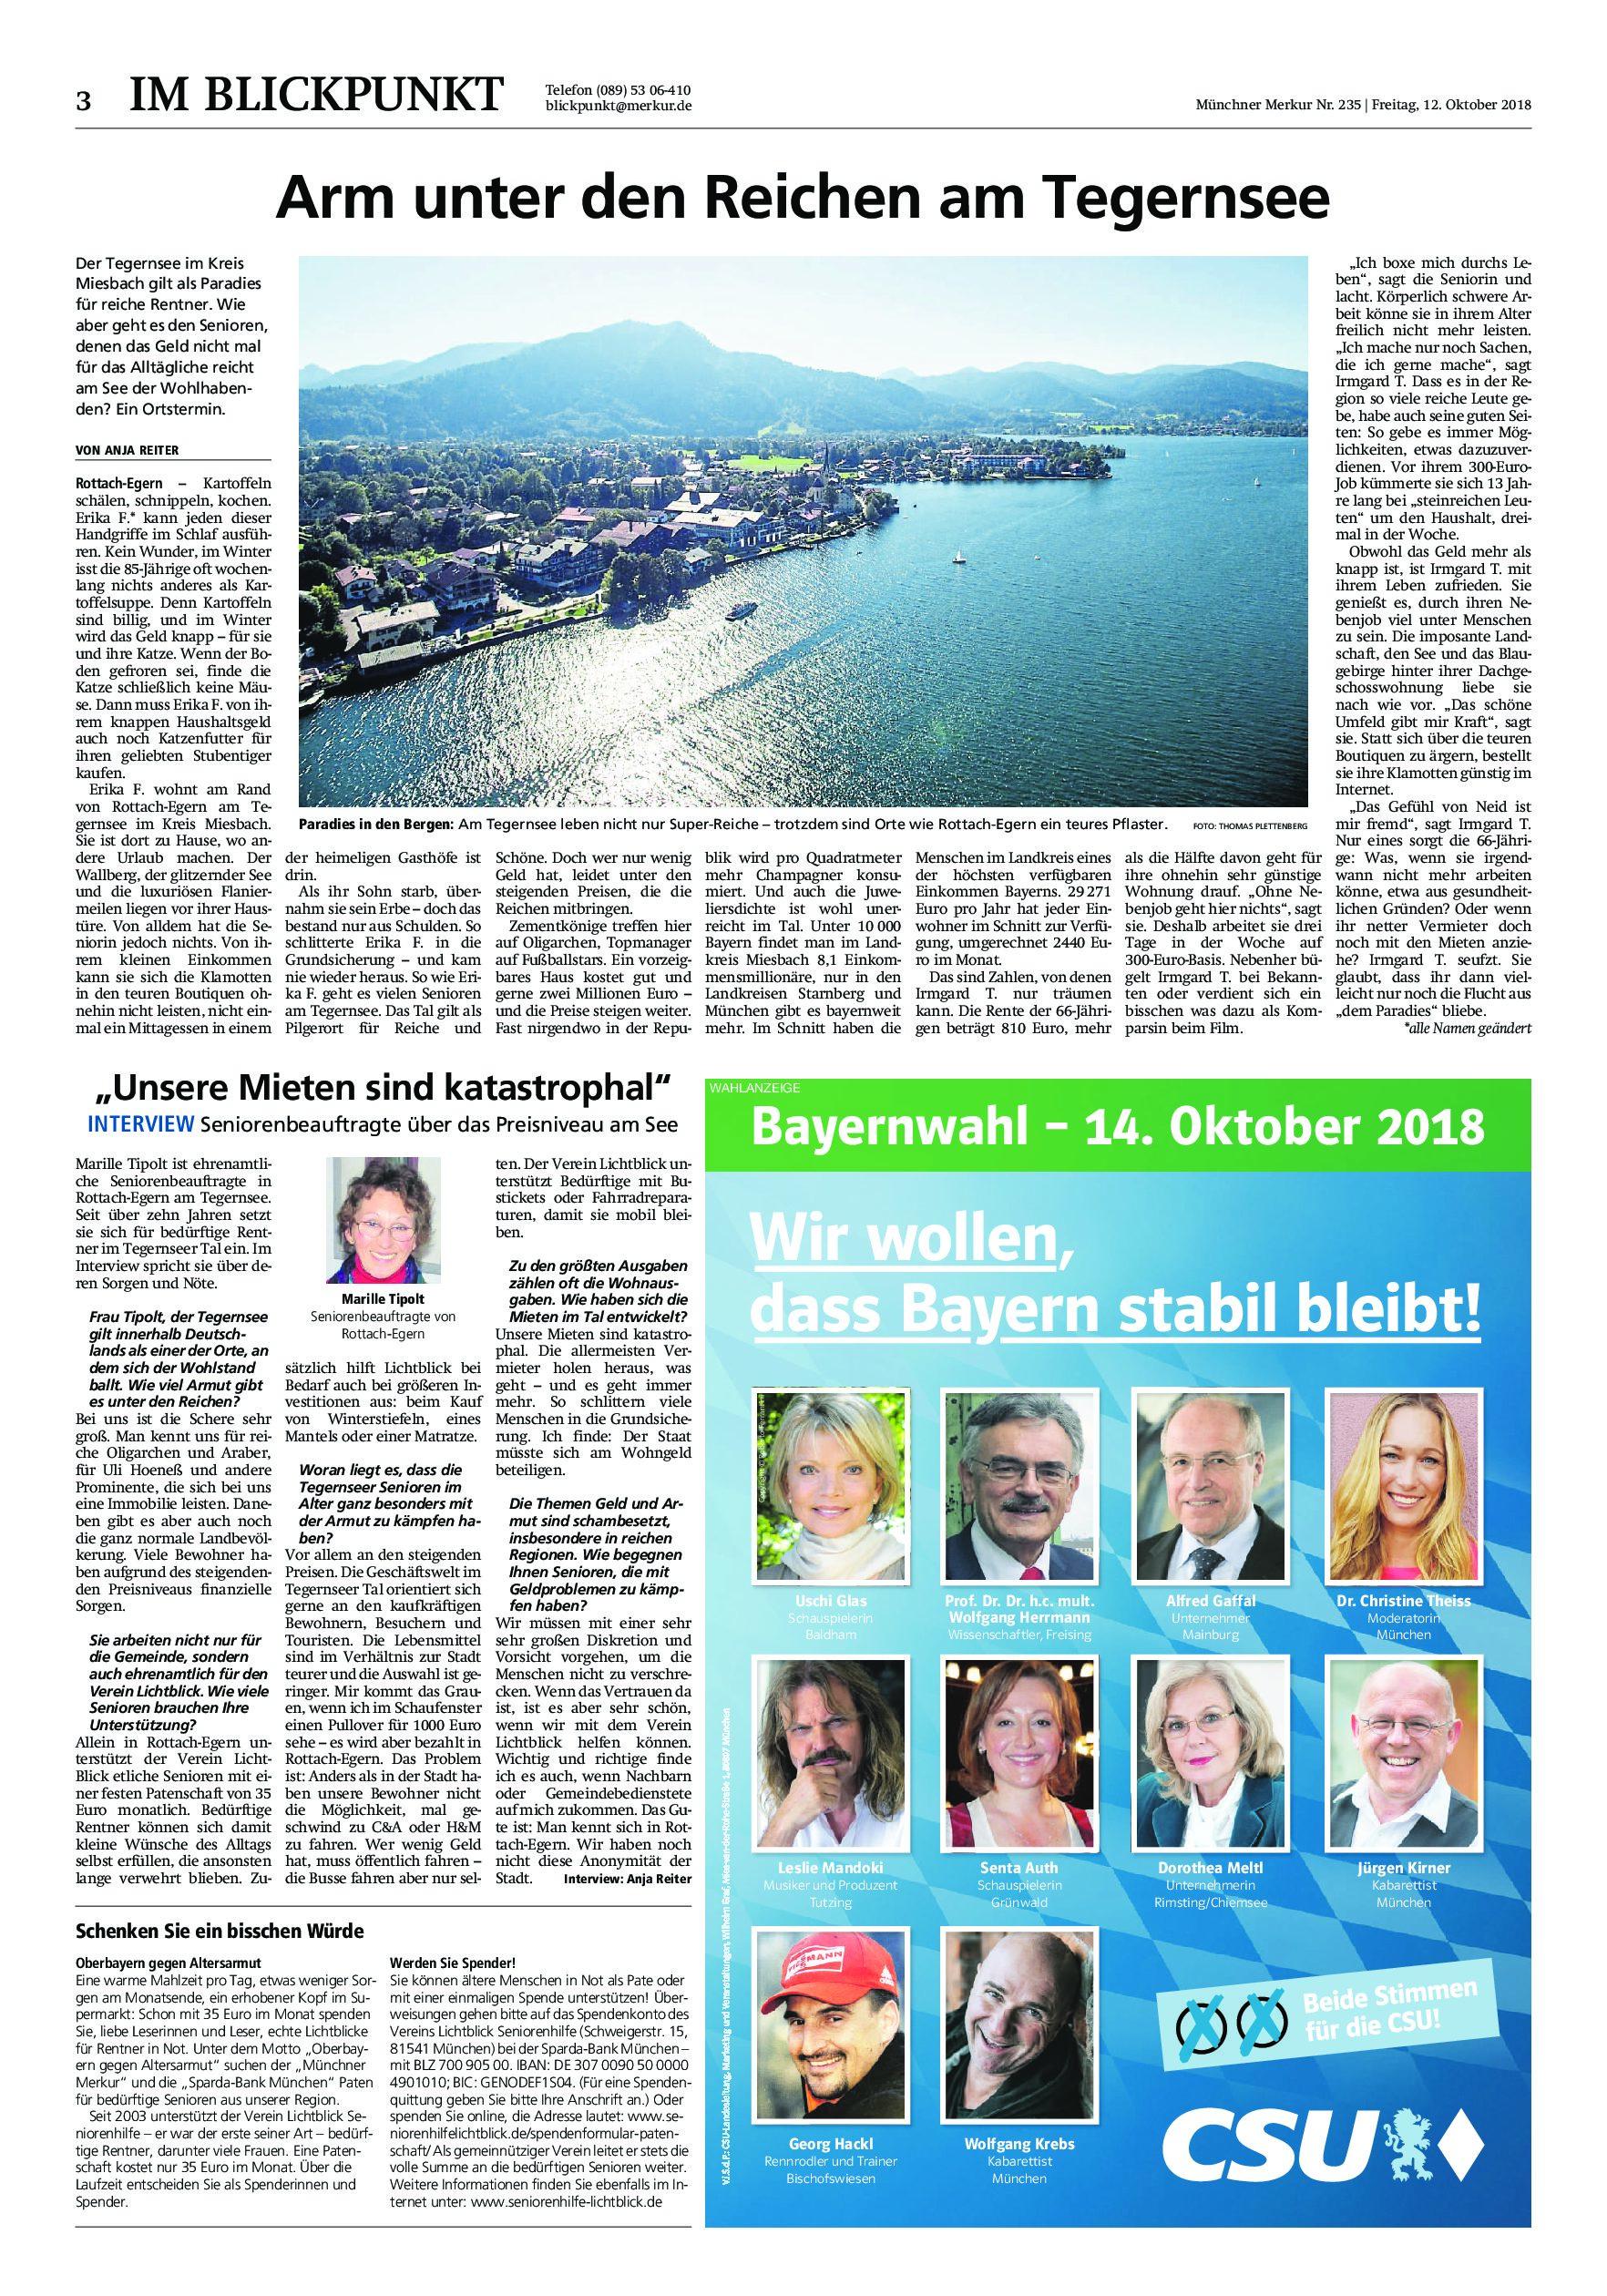 12.10.2018 | MM | Arm unter den Reichen am Tegernsee